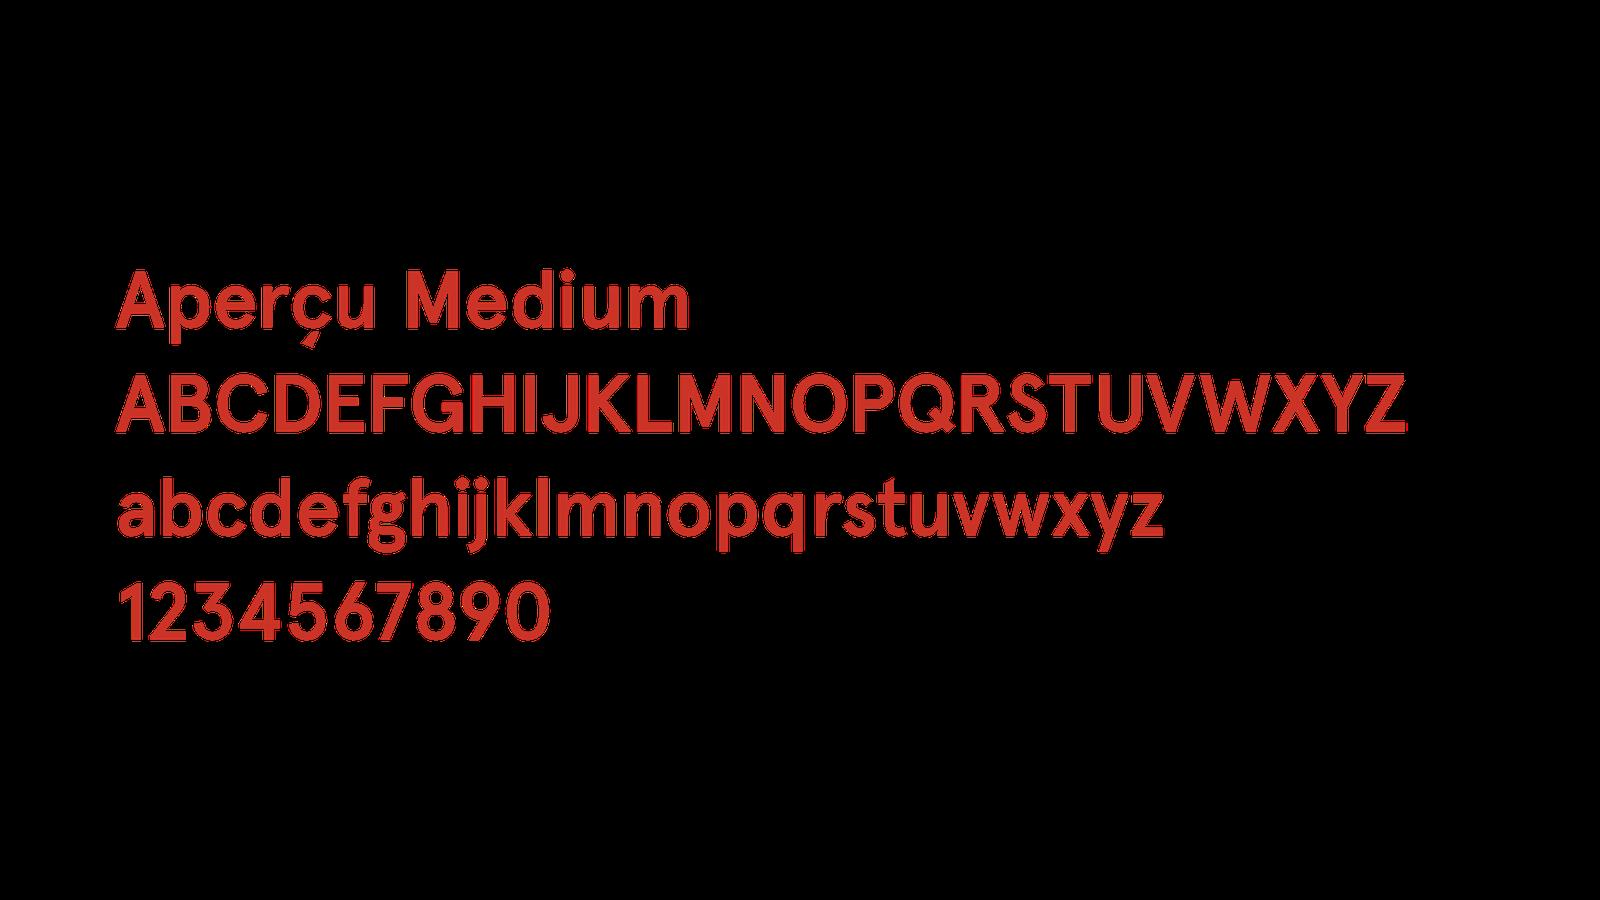 Apercu Medium